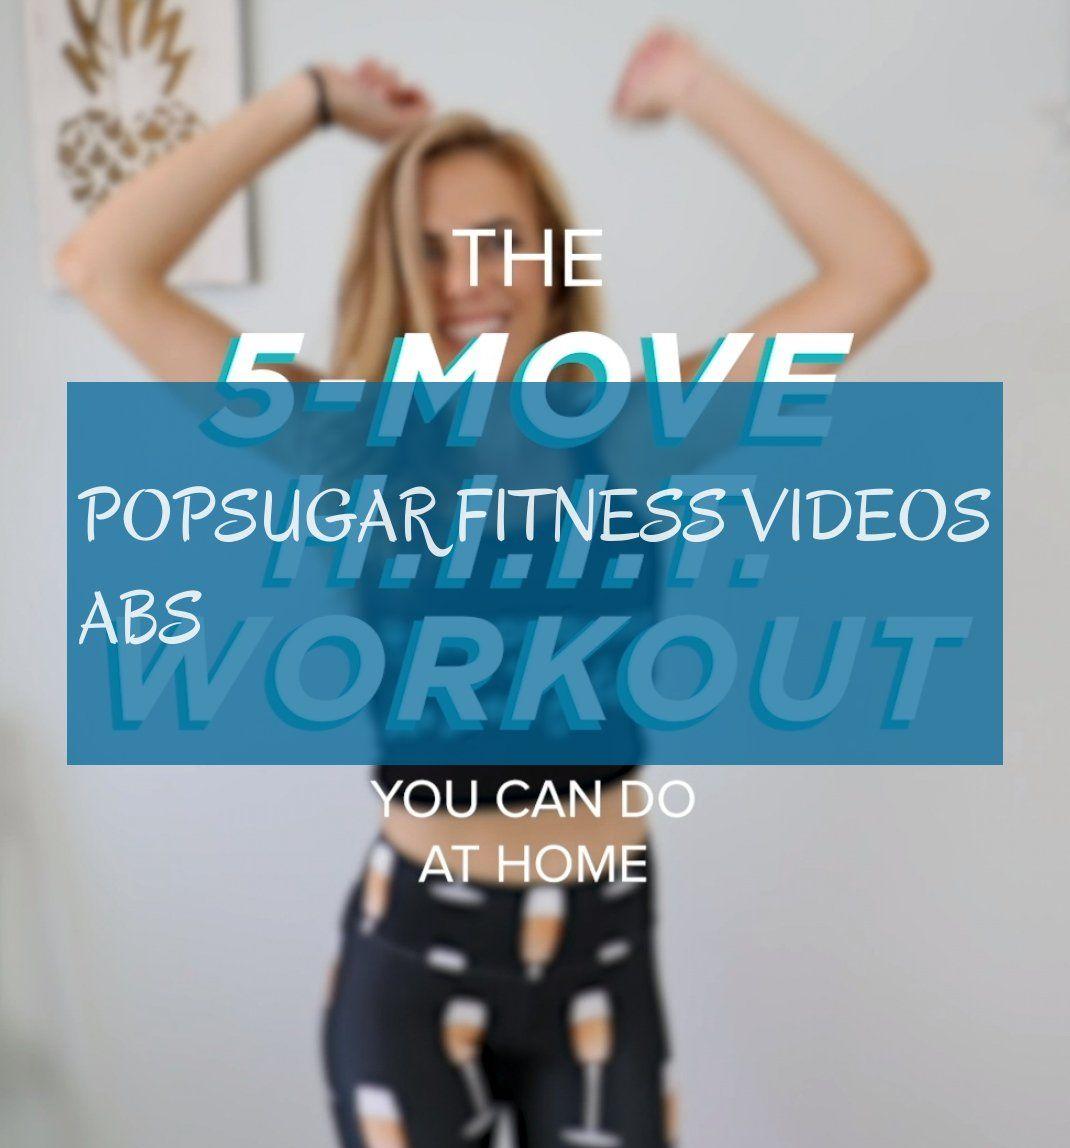 popsugar fitness videos abs #popsugar #fitness #videos